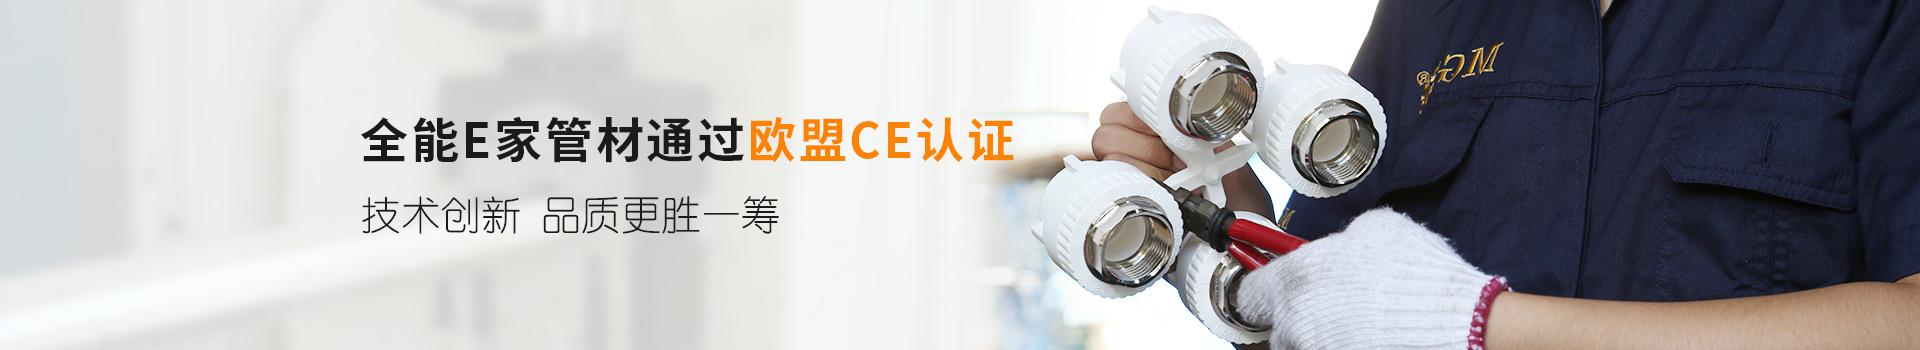 全能E家管材通过欧盟CE认证,技术创新,品质更胜一筹